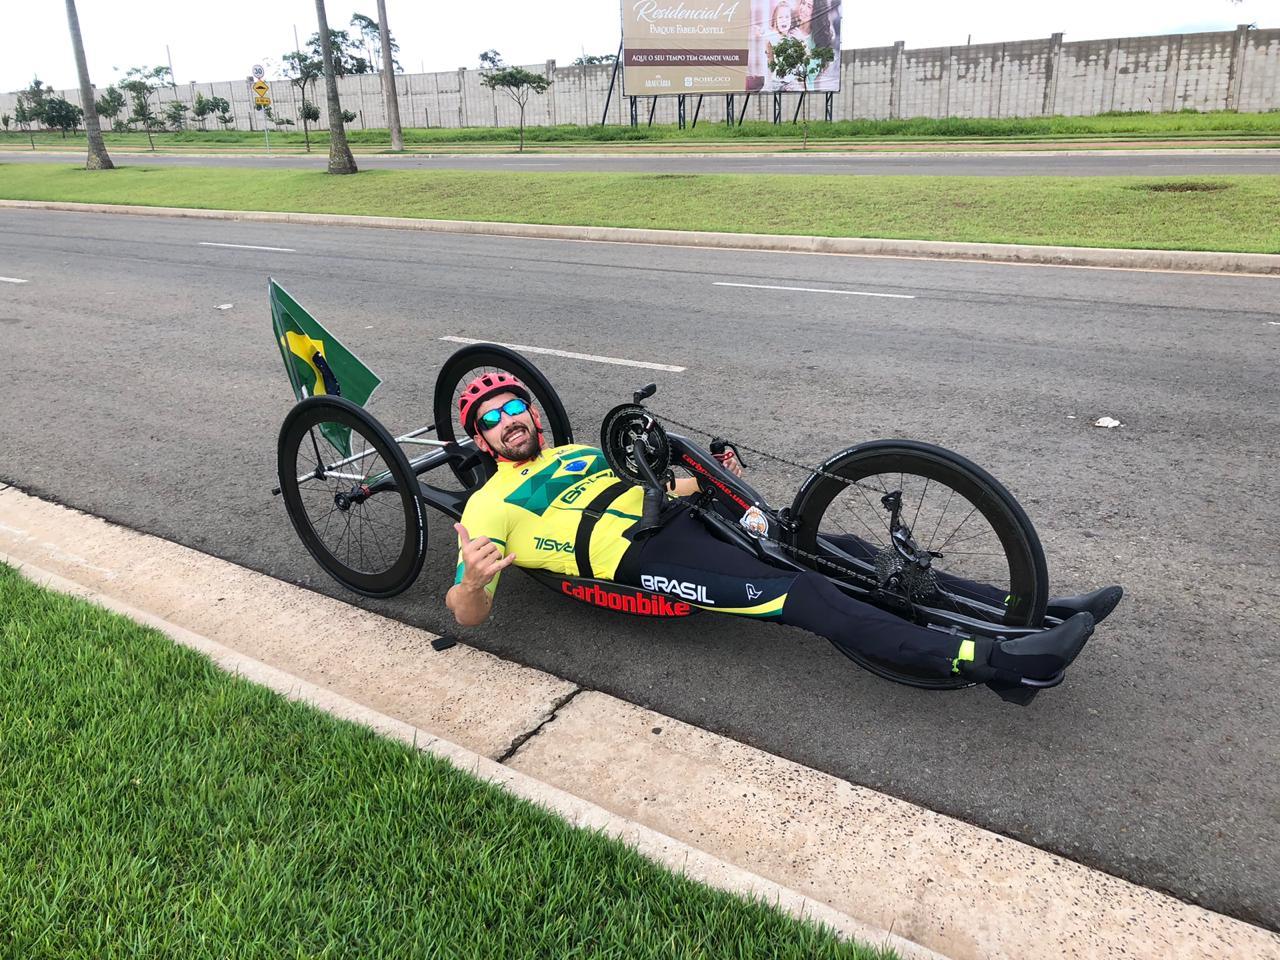 #PraTodoMundoVer Rayr Barreto em bicicleta de paraciclismo. Ele está no asfalto e, ao fundo, há um canteiro e um muro.